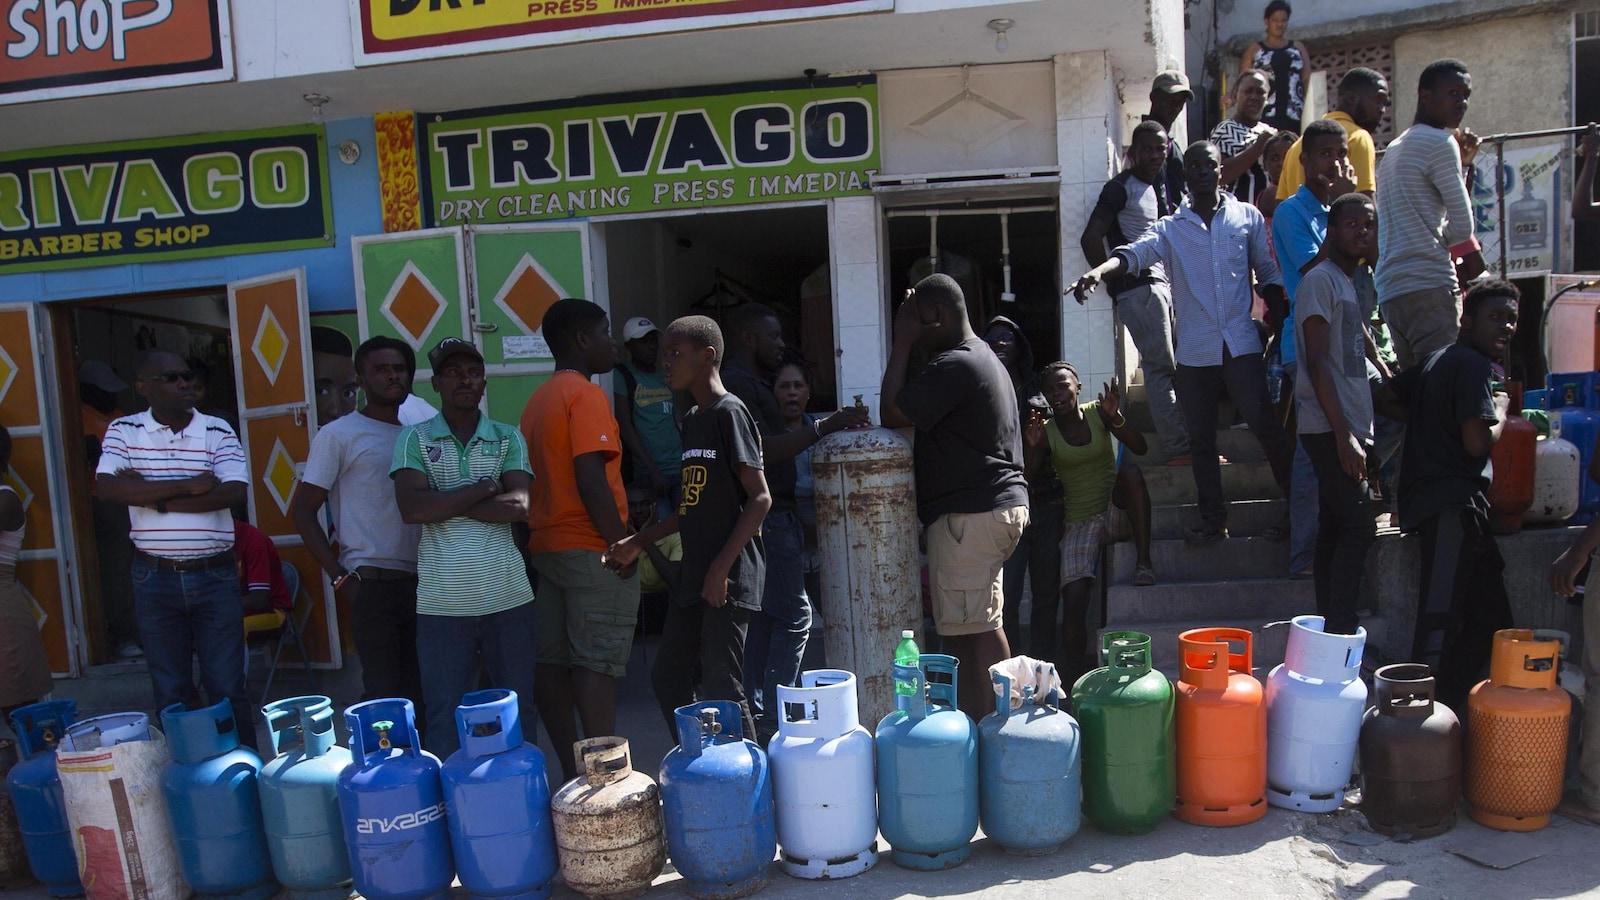 Une vingtaine de personnes, principalement des hommes, font la file devant des magasins avec leurs bidons de propane dans une rue commerciale de Port-au-Prince.